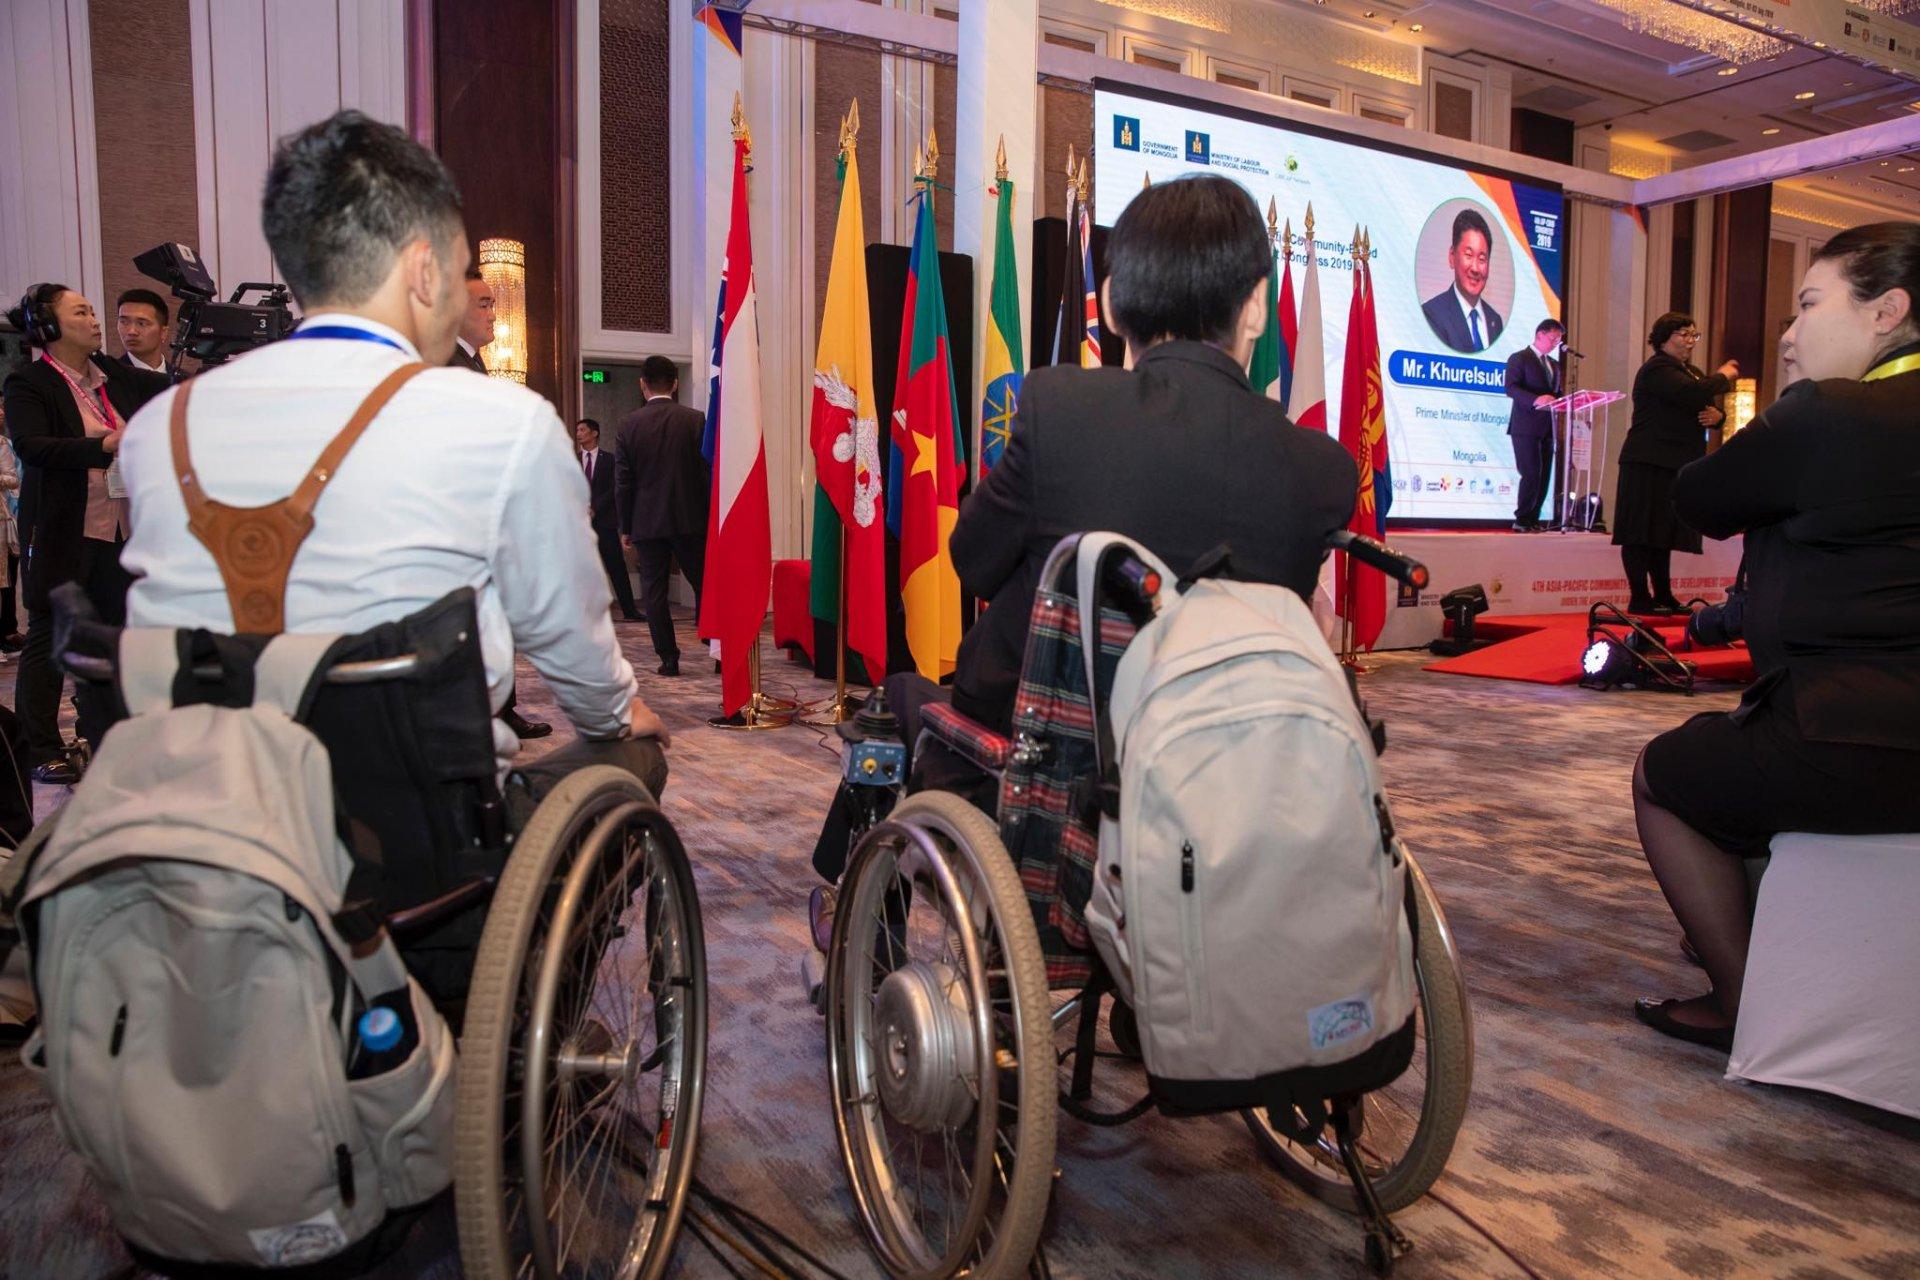 У.Хүрэлсүх: Монгол Улс ХБИ бүртээ анхаарал, халамж тавих ёстой